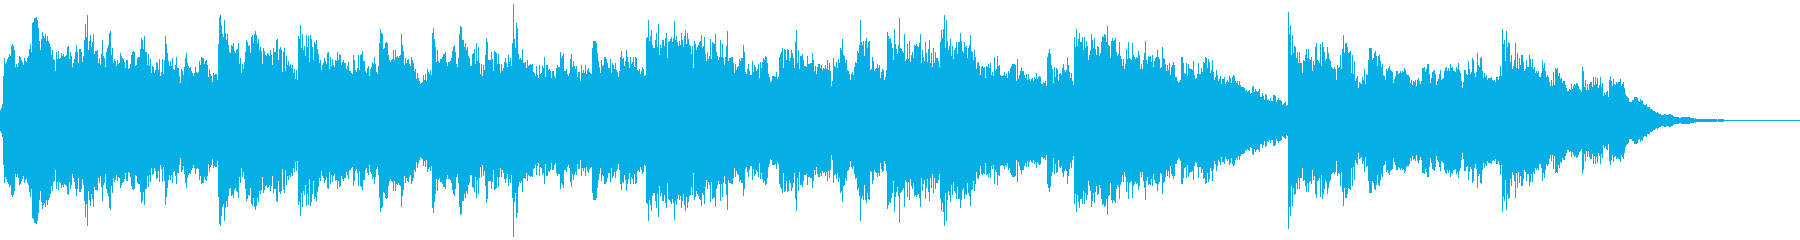 スロー 清潔感 ツンとした E.ピアノの再生済みの波形